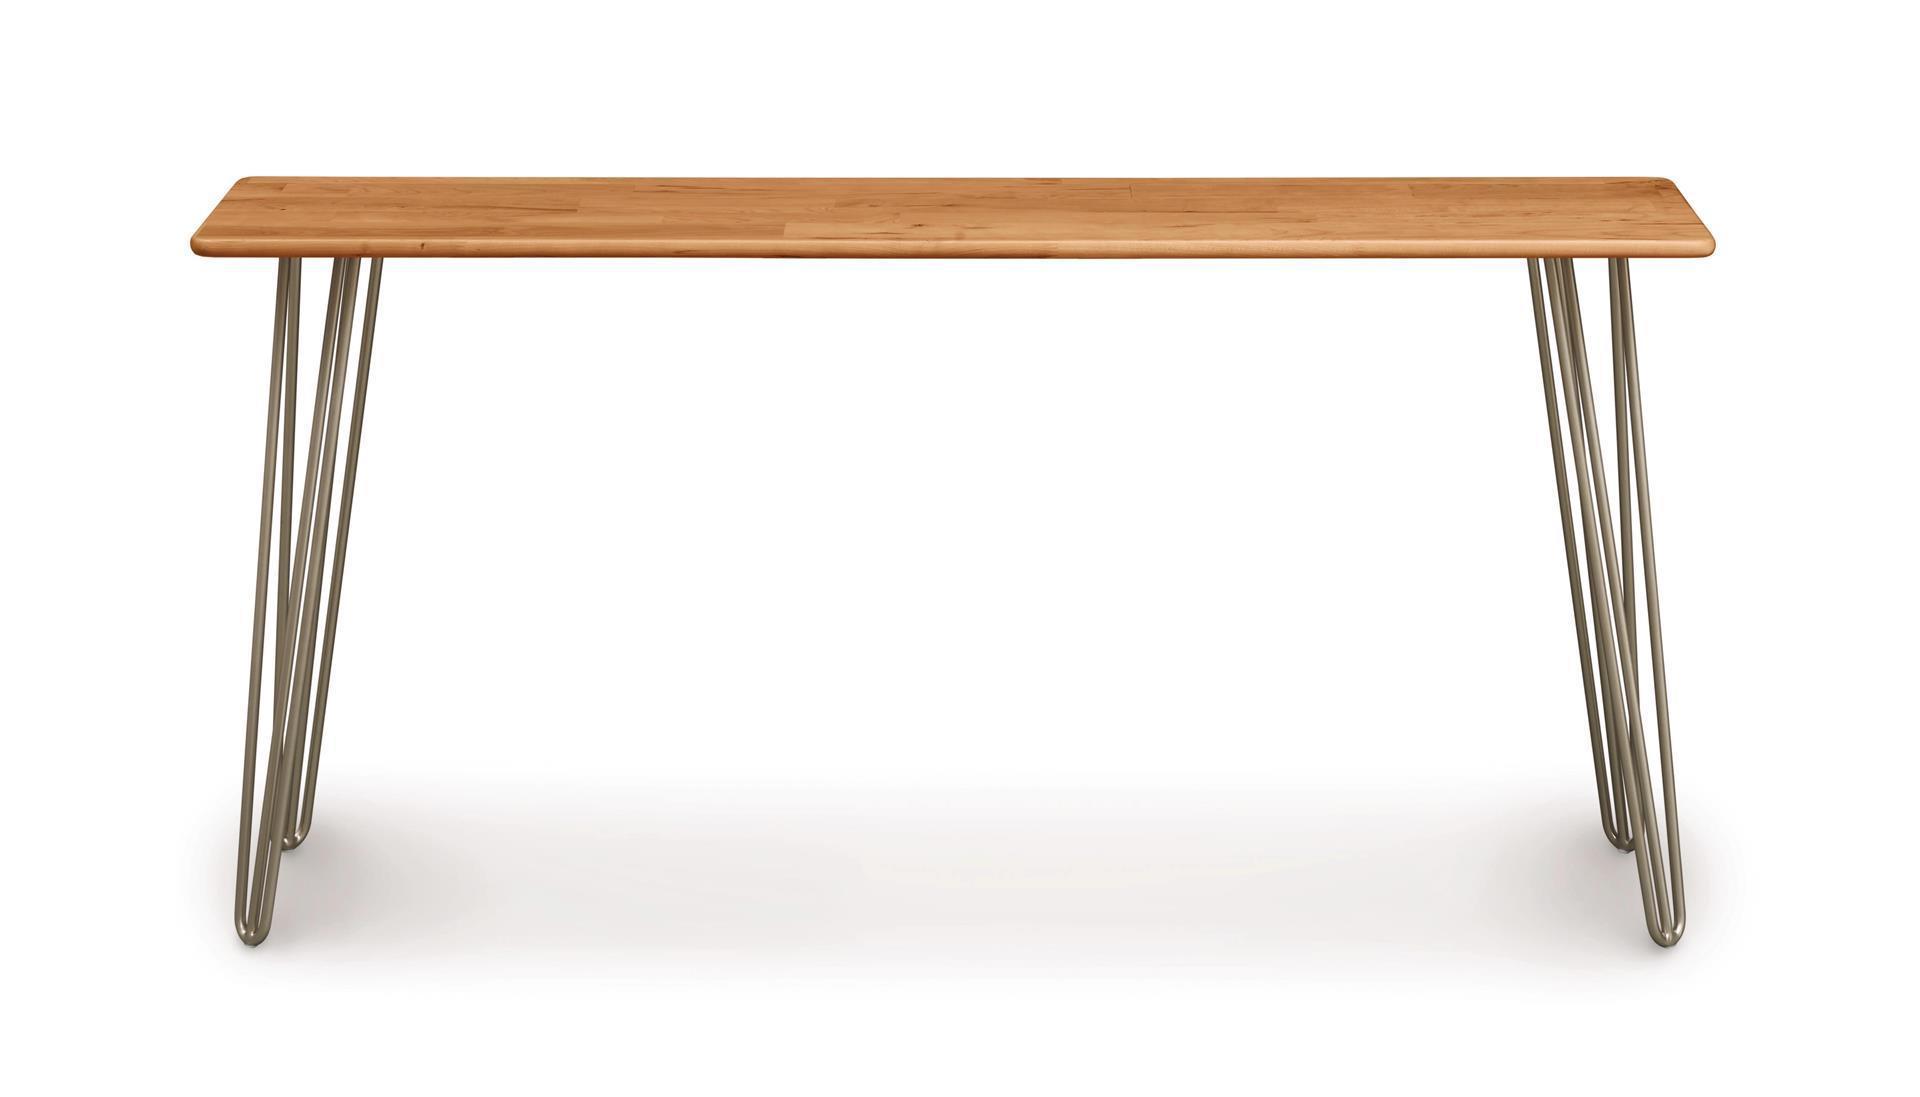 Copeland Essentials Sofa Table